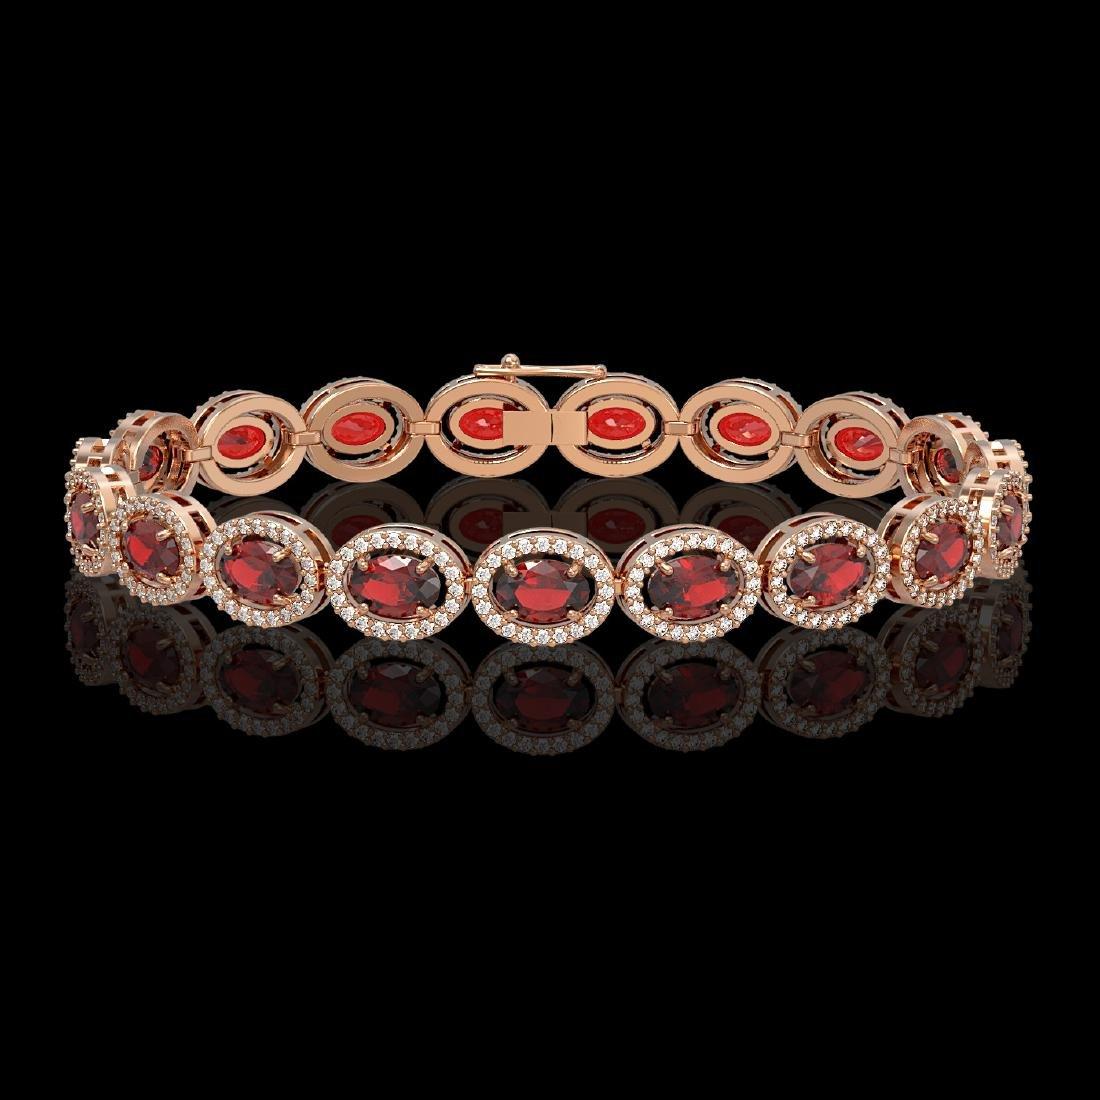 14.63 CTW Garnet & Diamond Halo Bracelet 10K Rose Gold